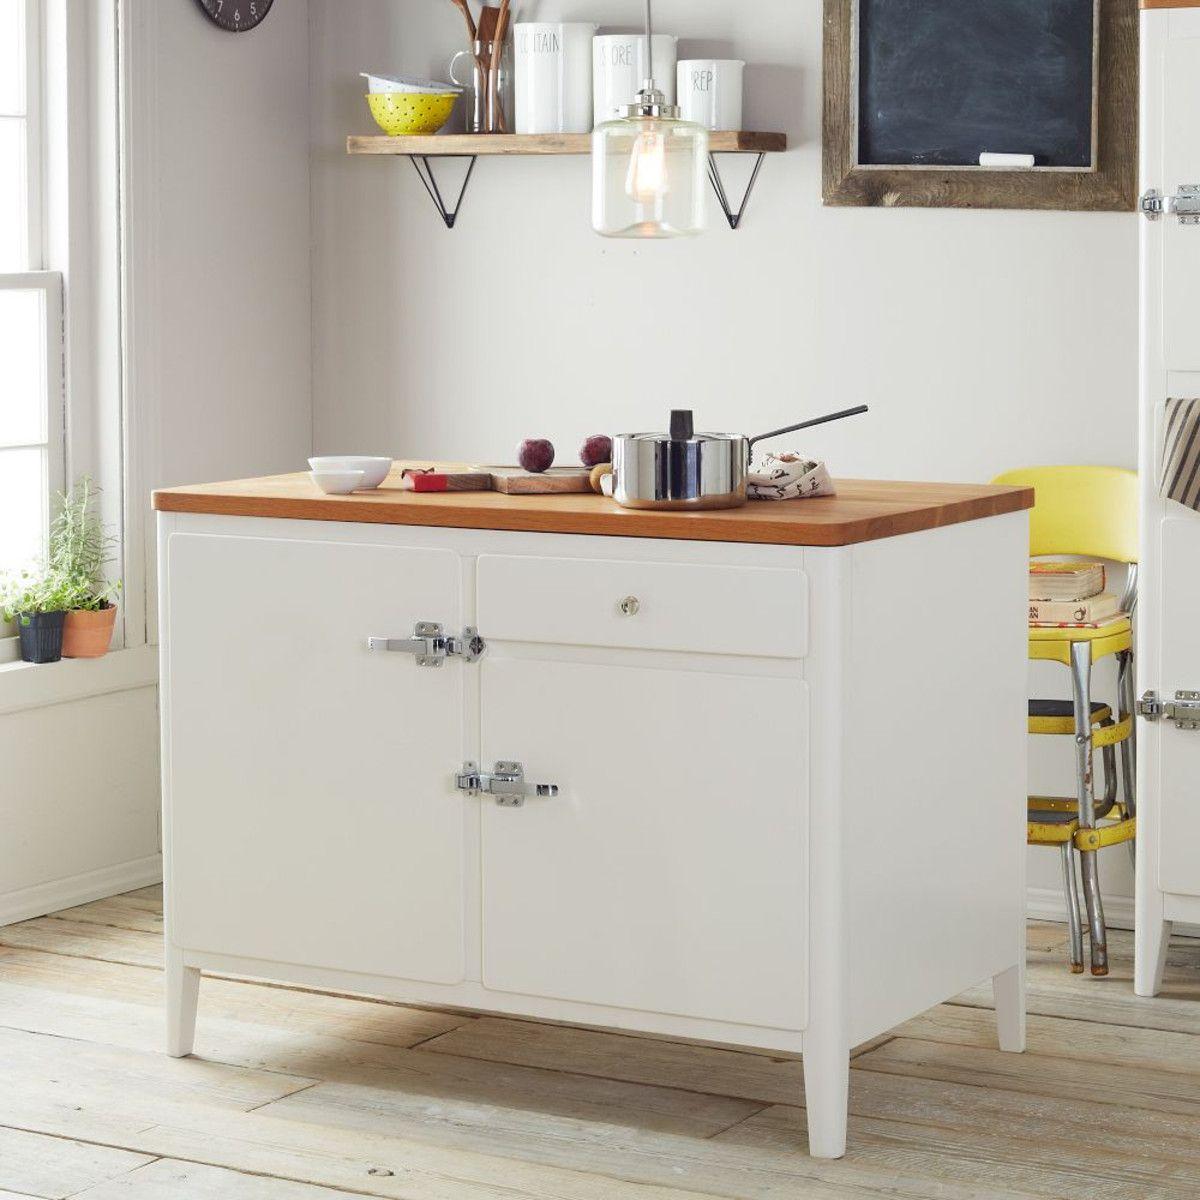 Cabin Kitchen Island - White